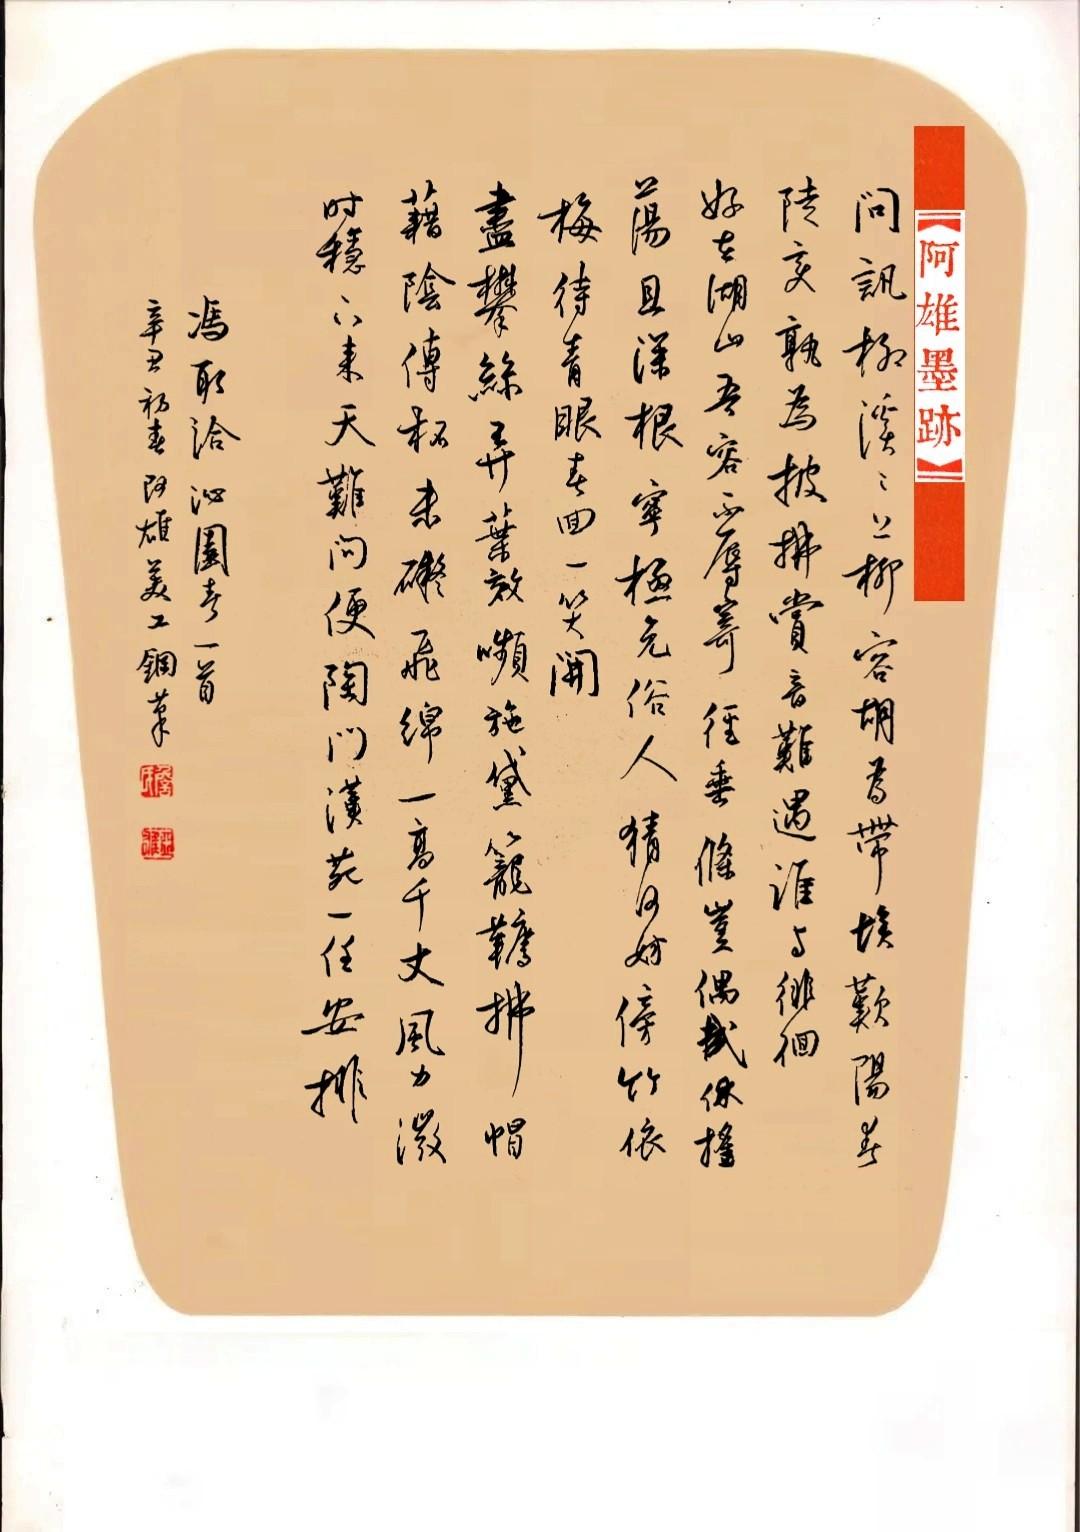 钢笔爱好者练字打卡20210302-23